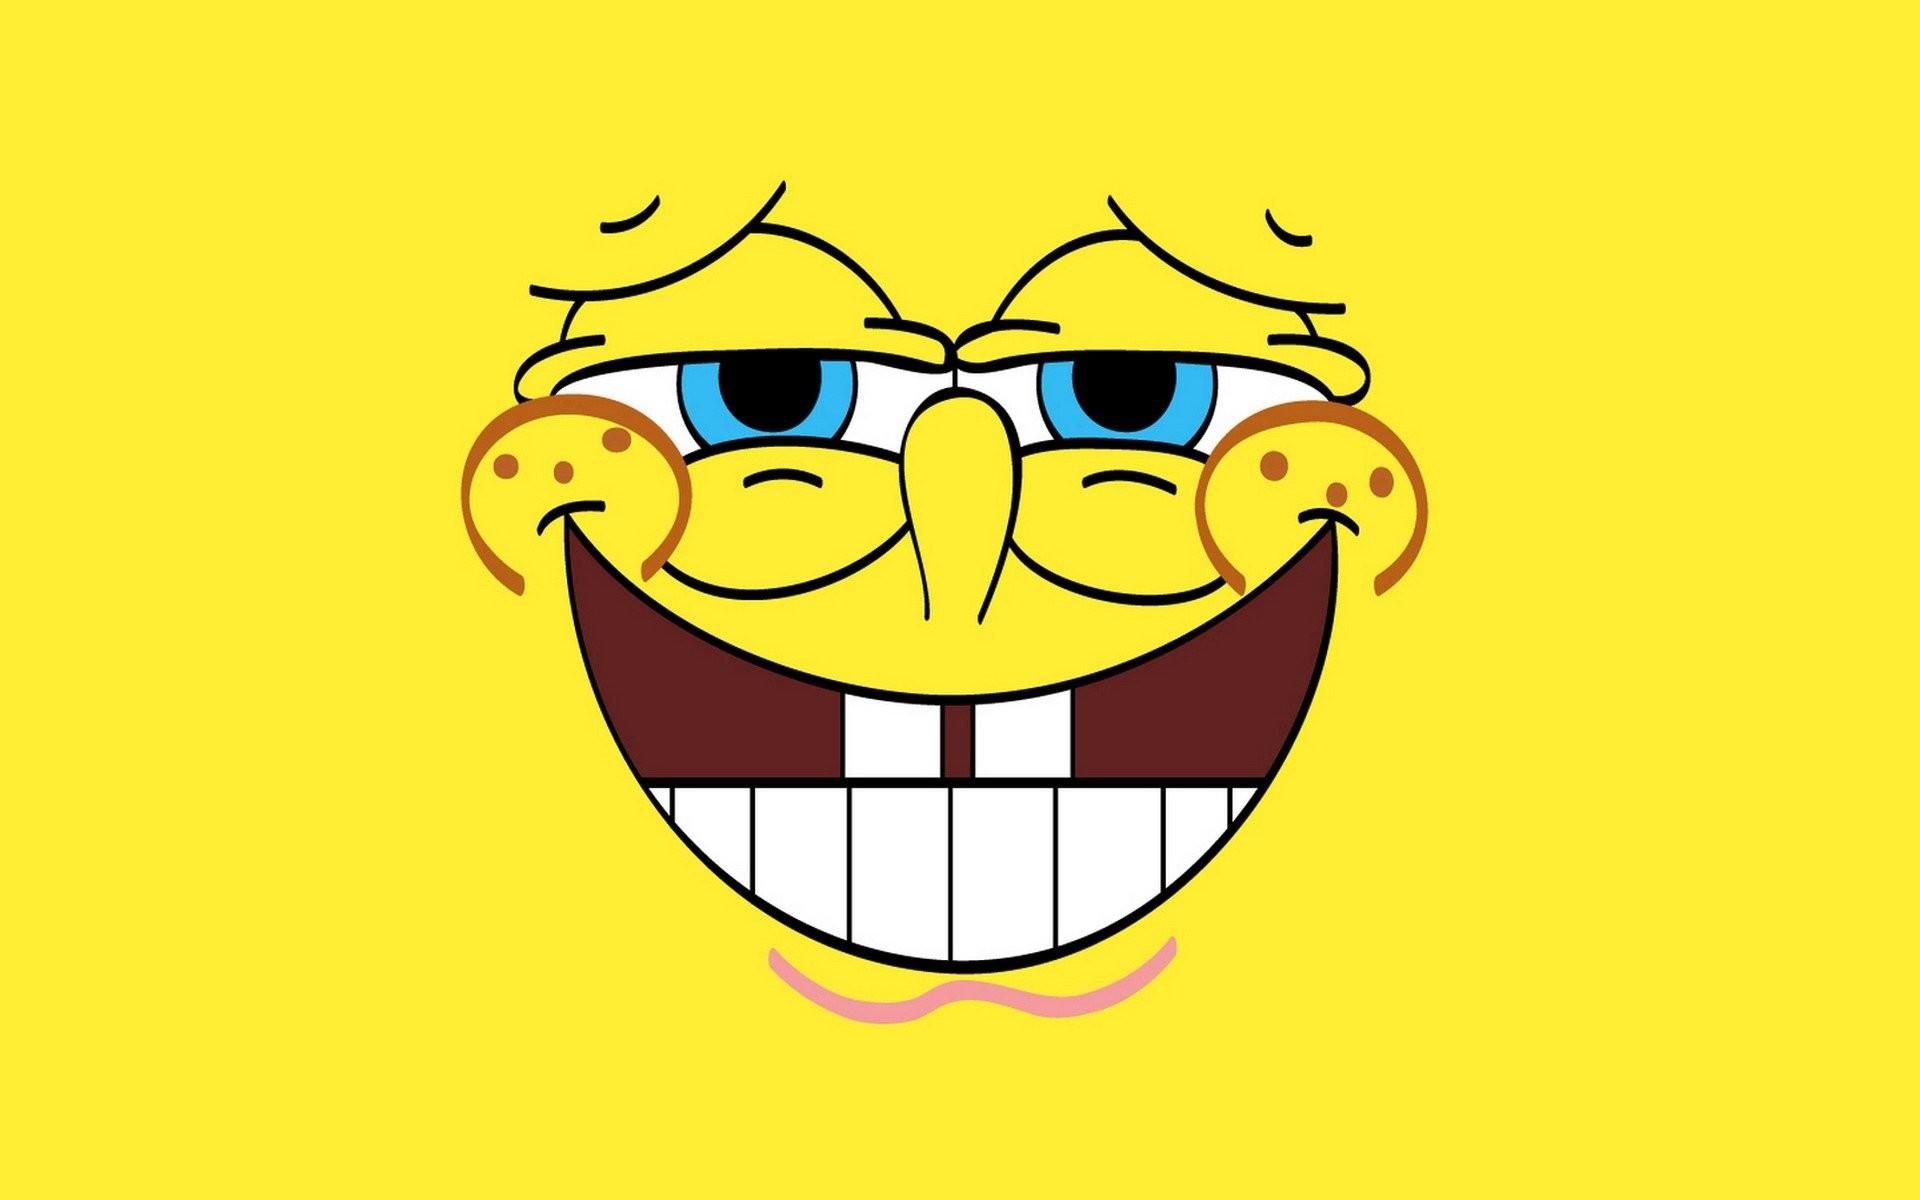 TV Show – Spongebob Squarepants Wallpaper